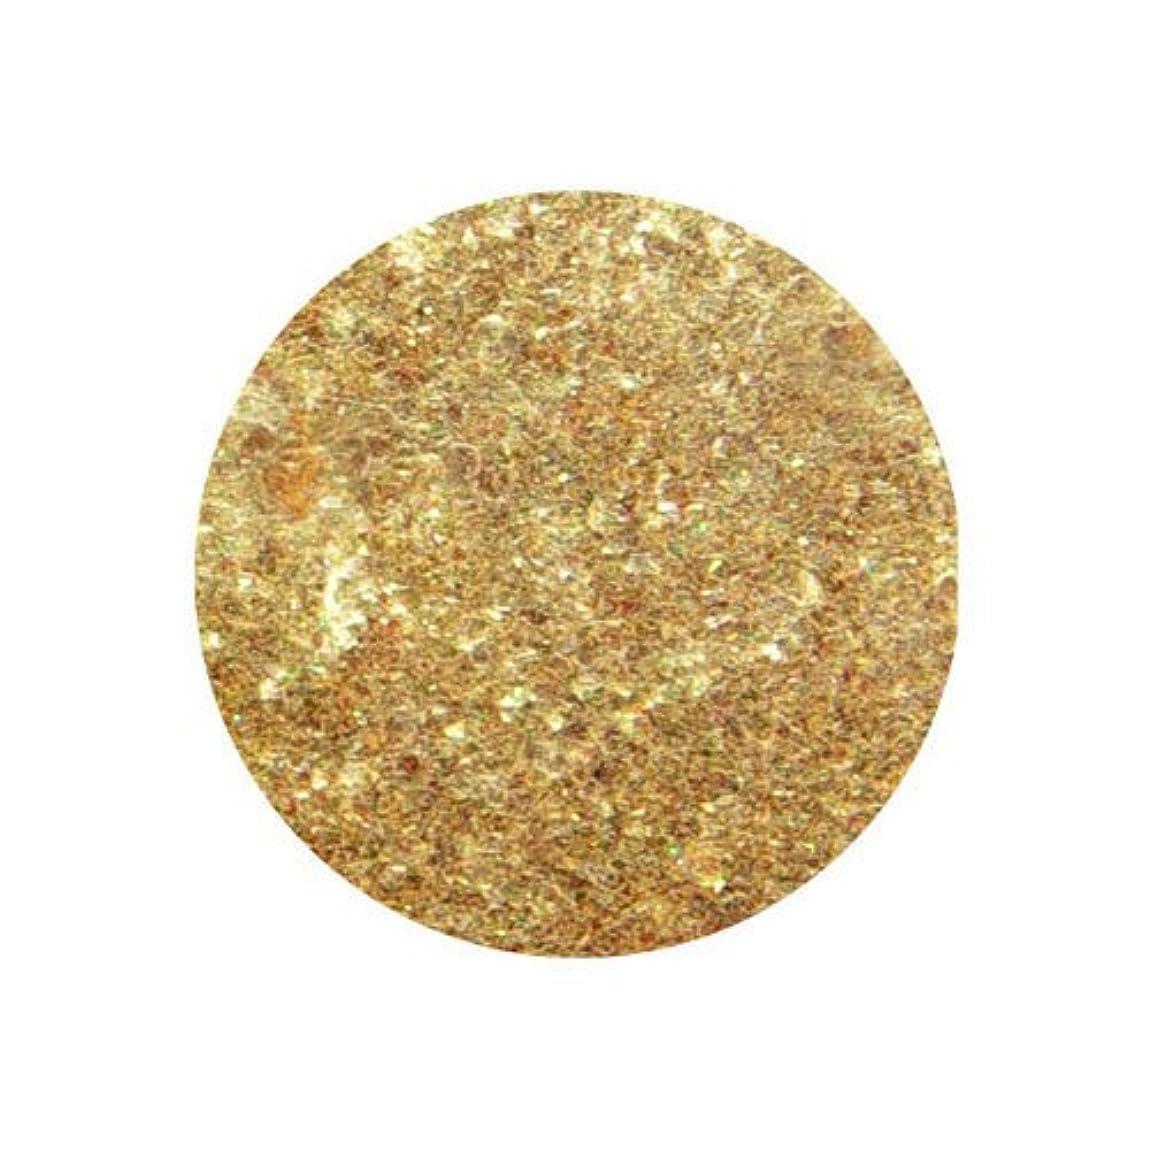 壮大着陸省略ピカエース クリスタルパール L #432-CKL ゴールド 0.5g アート材